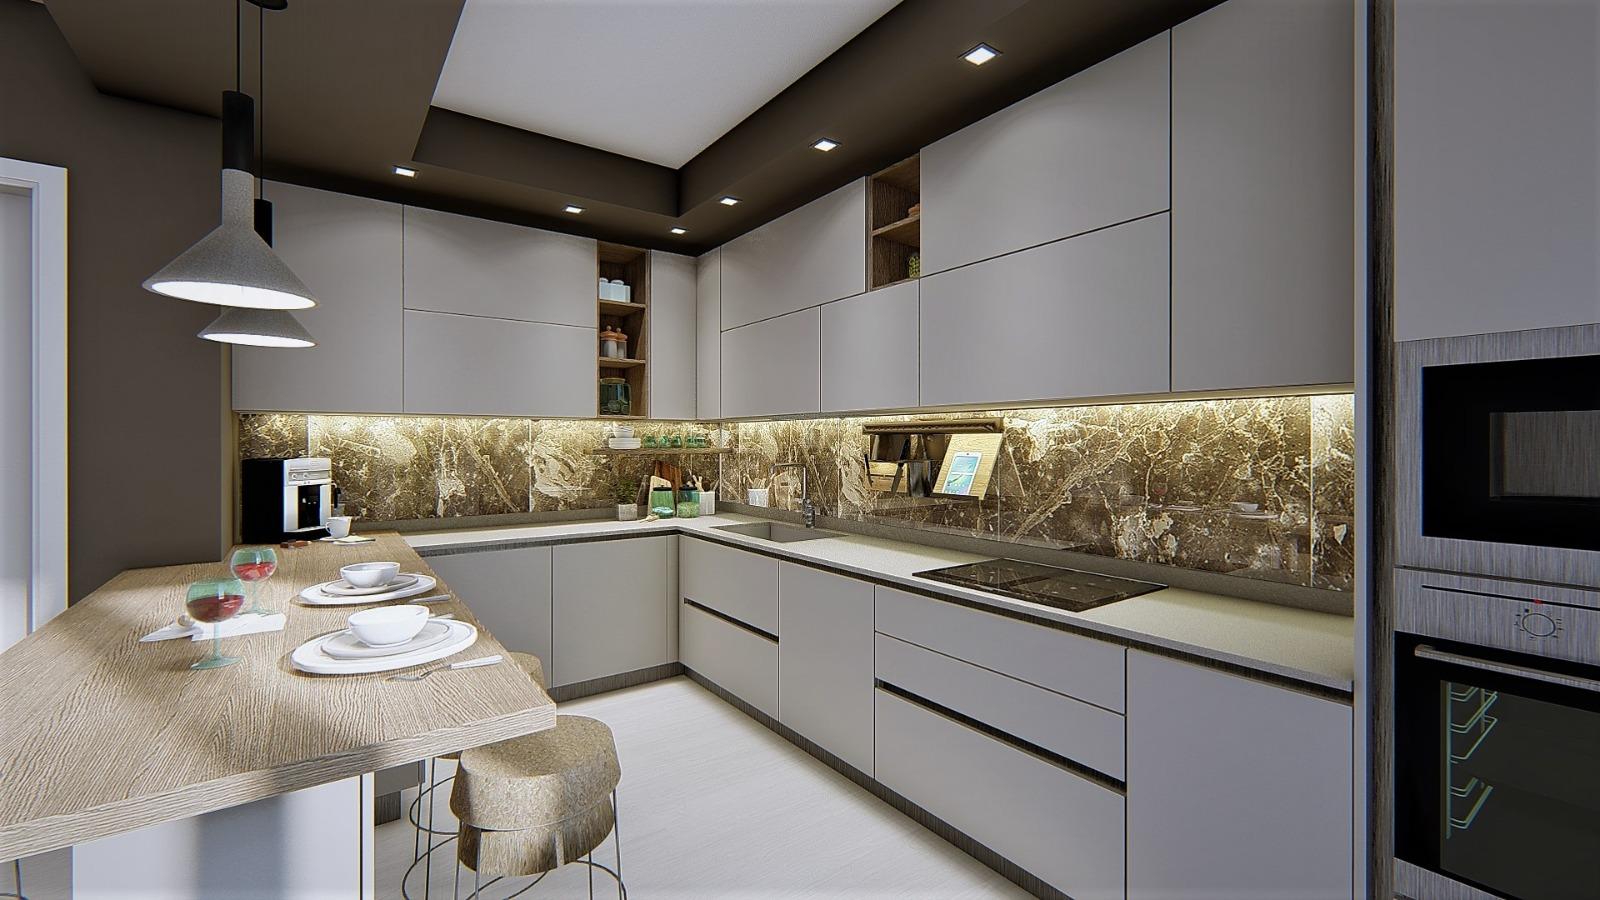 foto render cucina bianca e legno con penisola